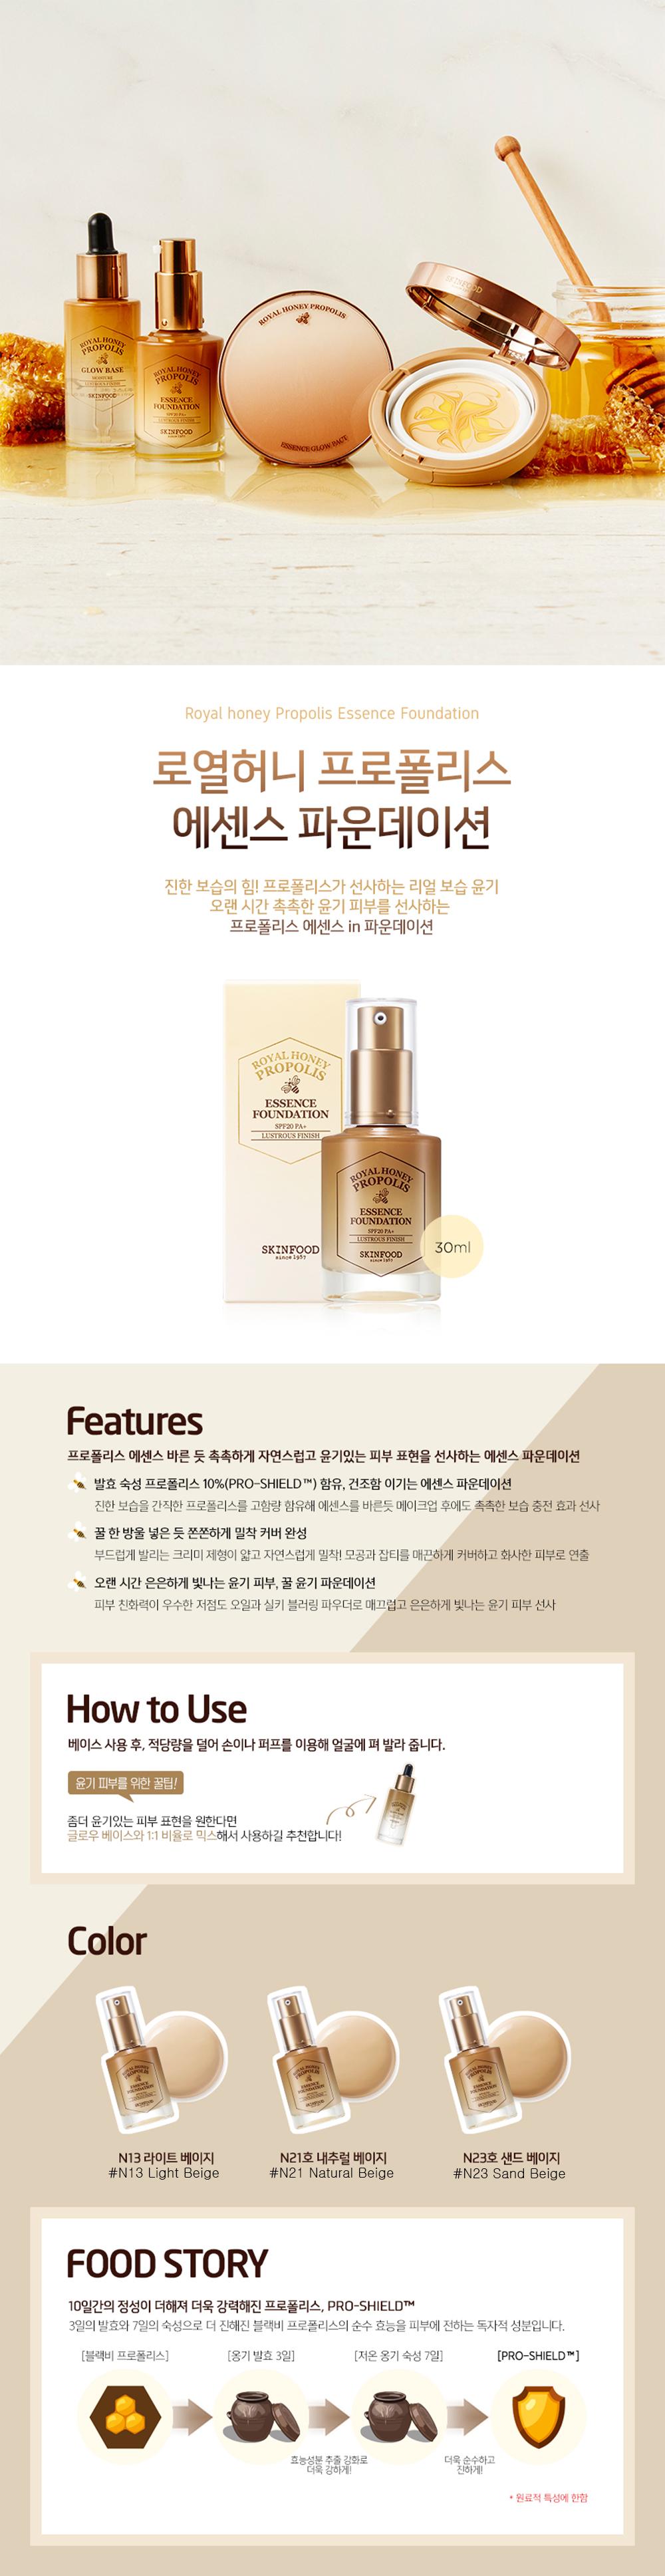 Royal Honey Propolis Enrich Essence by Skinfood #16